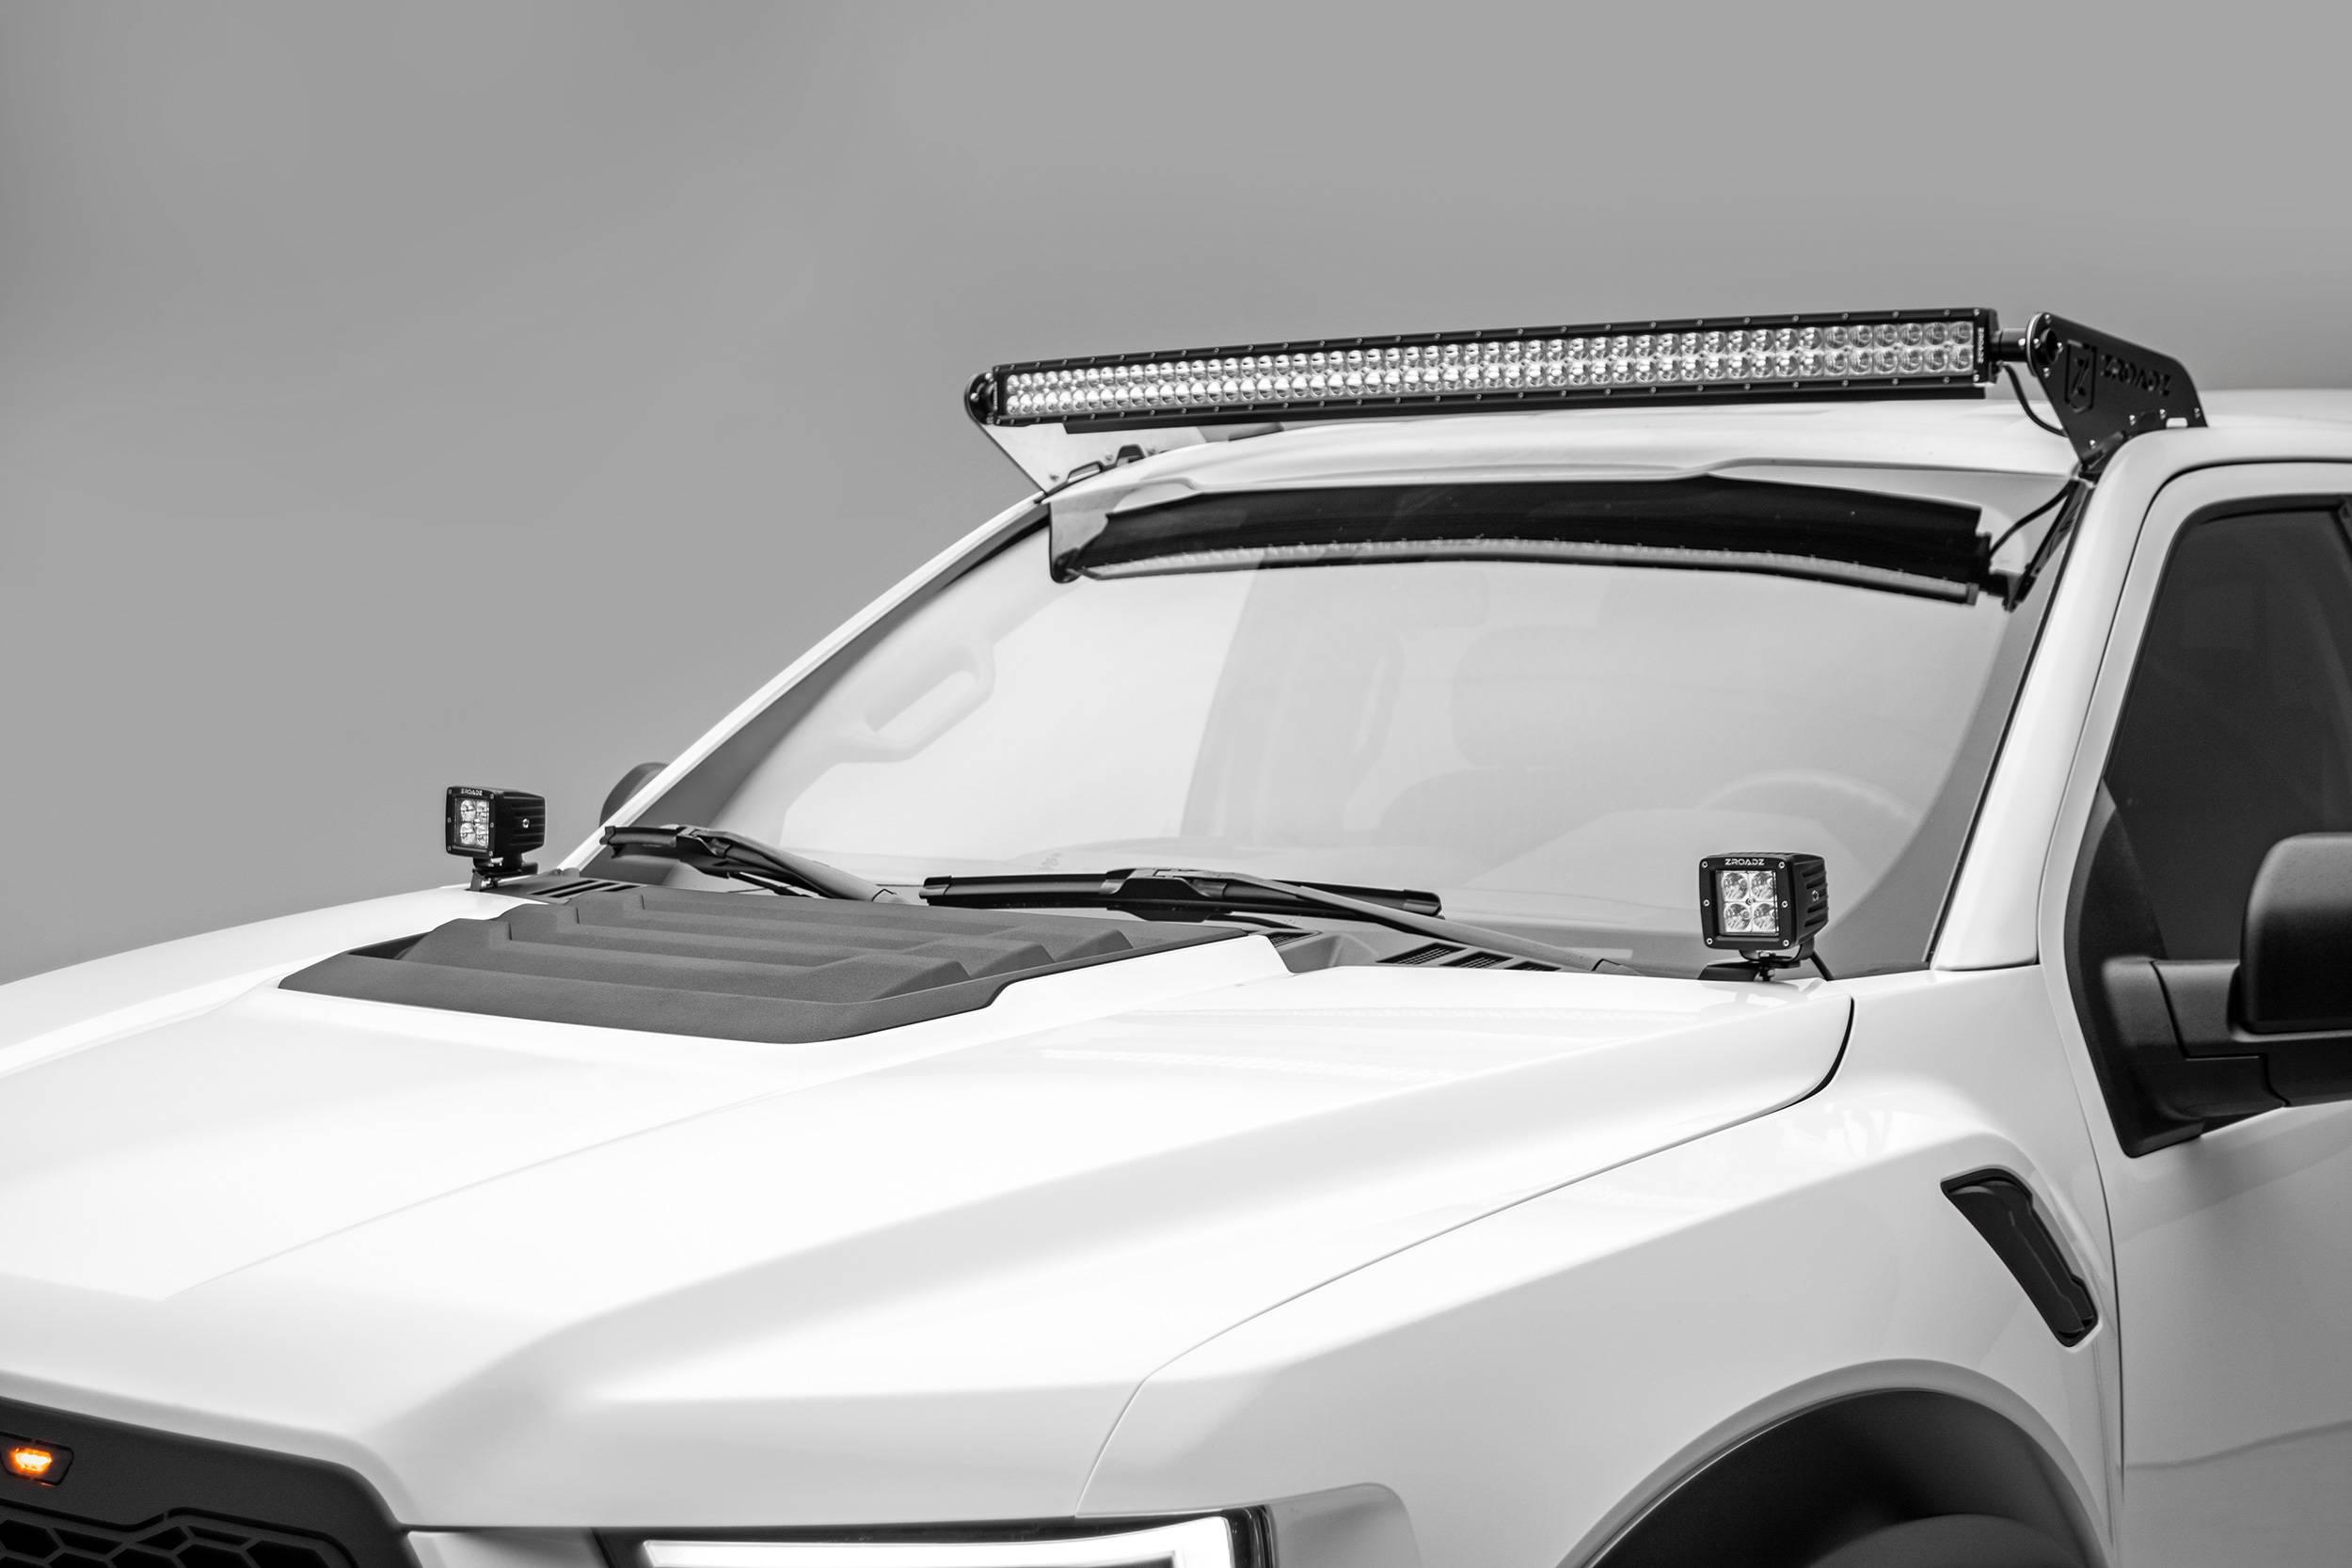 2015 2021 ford f 150 raptor front roof led bracket to mount 52 inch curved led light bar pn z335662